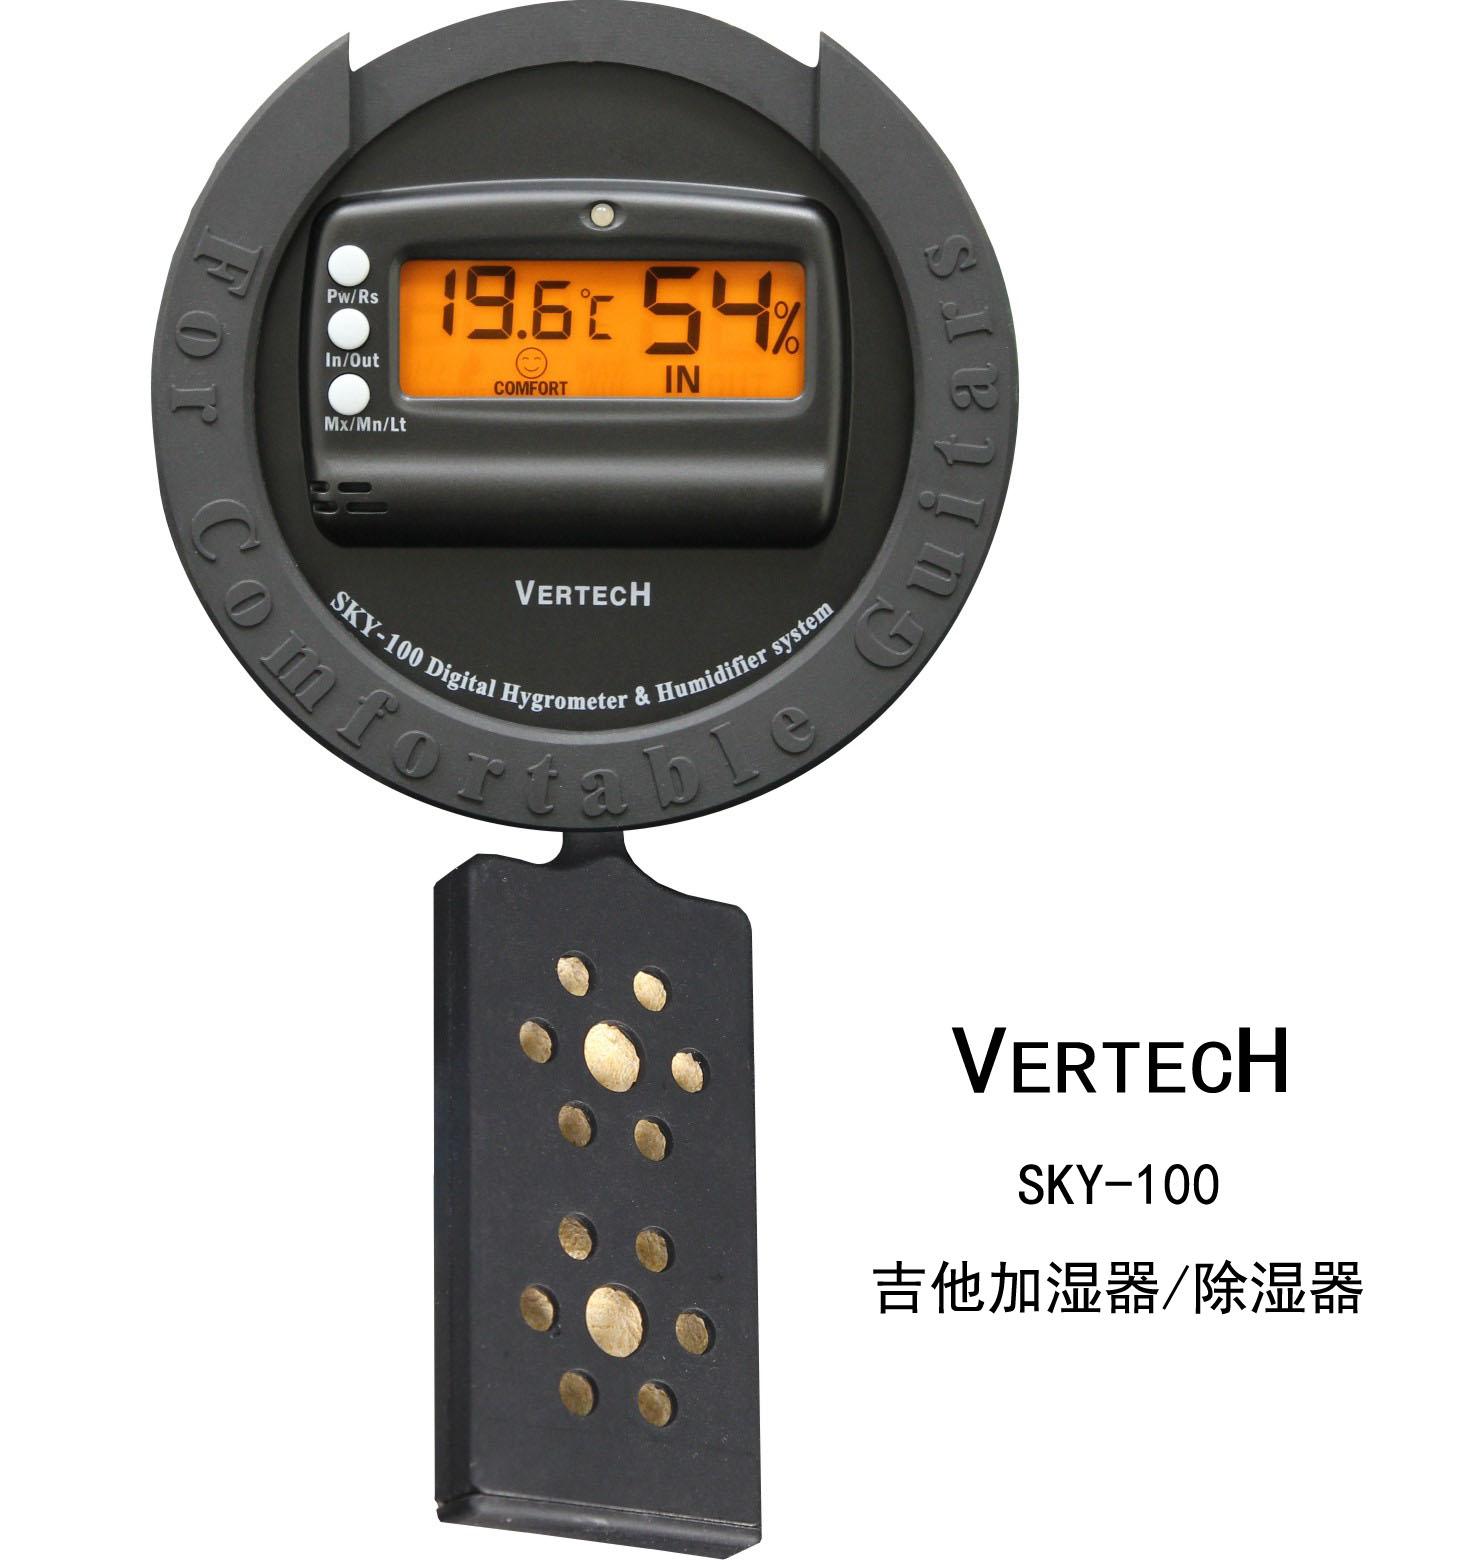 VERTECHnk SKY-100 гитара звук отверстие сухой увлажнение устройство кроме мокрый с температурой влажность считать дары сухой подготовка